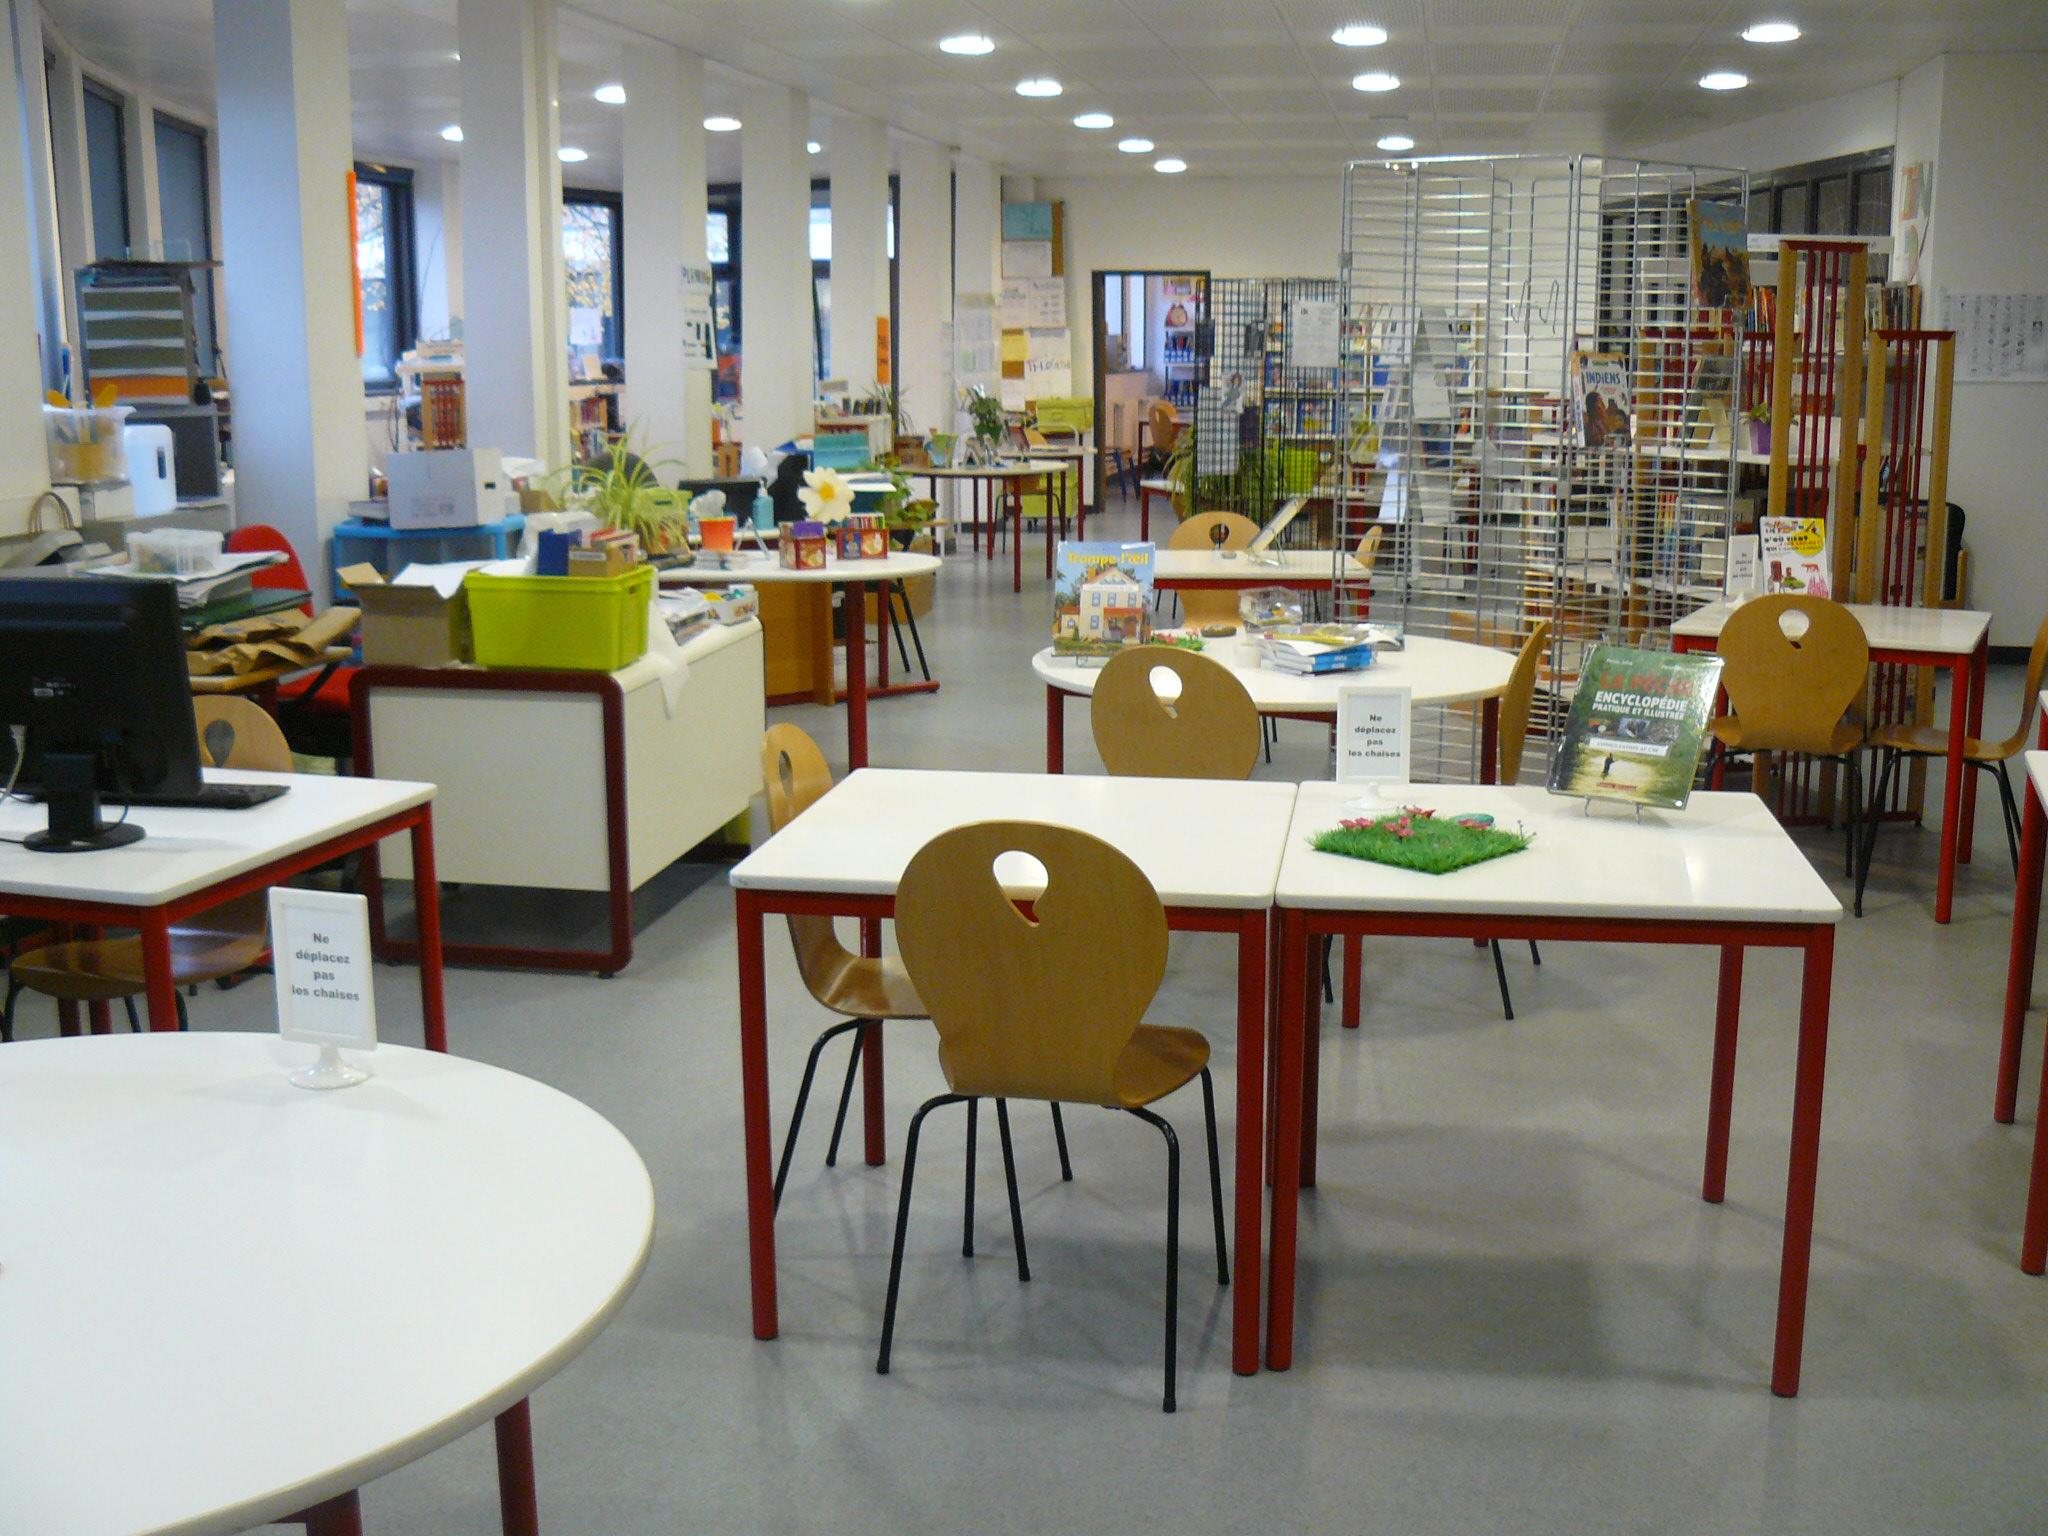 Astuces de fonctionnement en coll ge for Decoration porte salle de classe